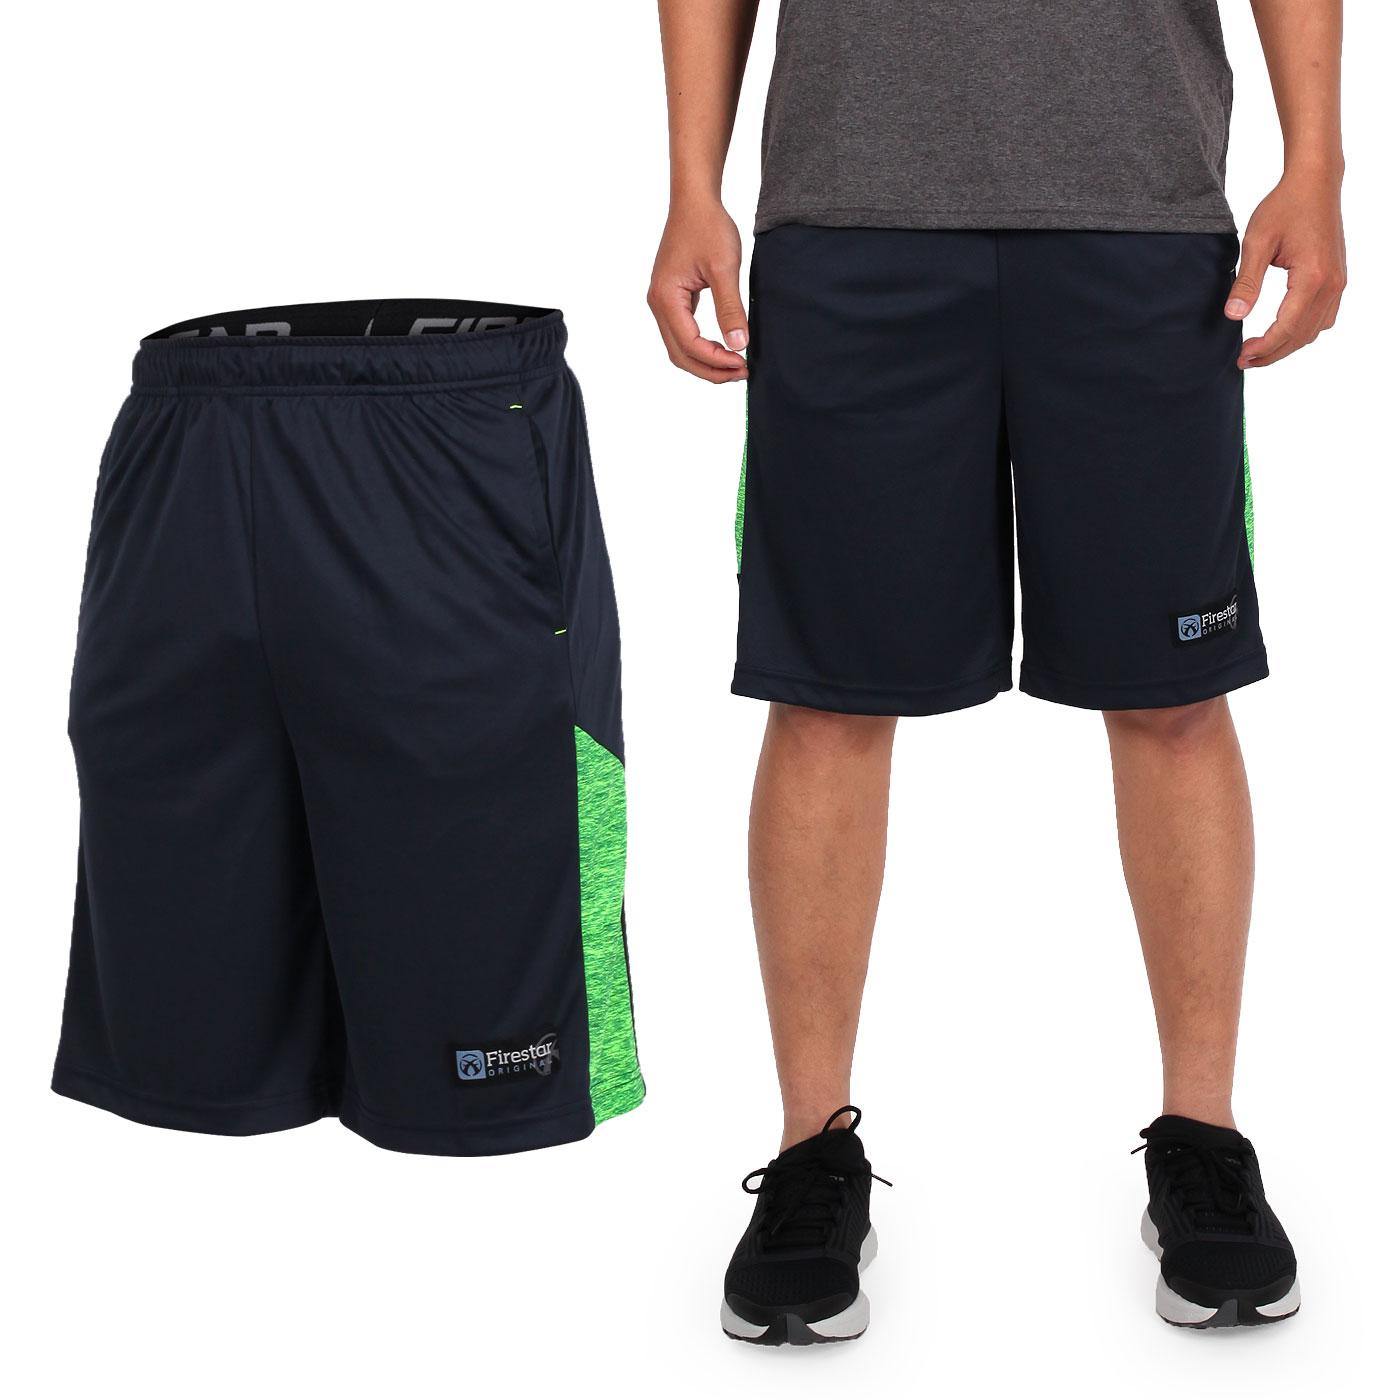 FIRESTAR 男籃球褲 B7605-10 - 丈青淺綠